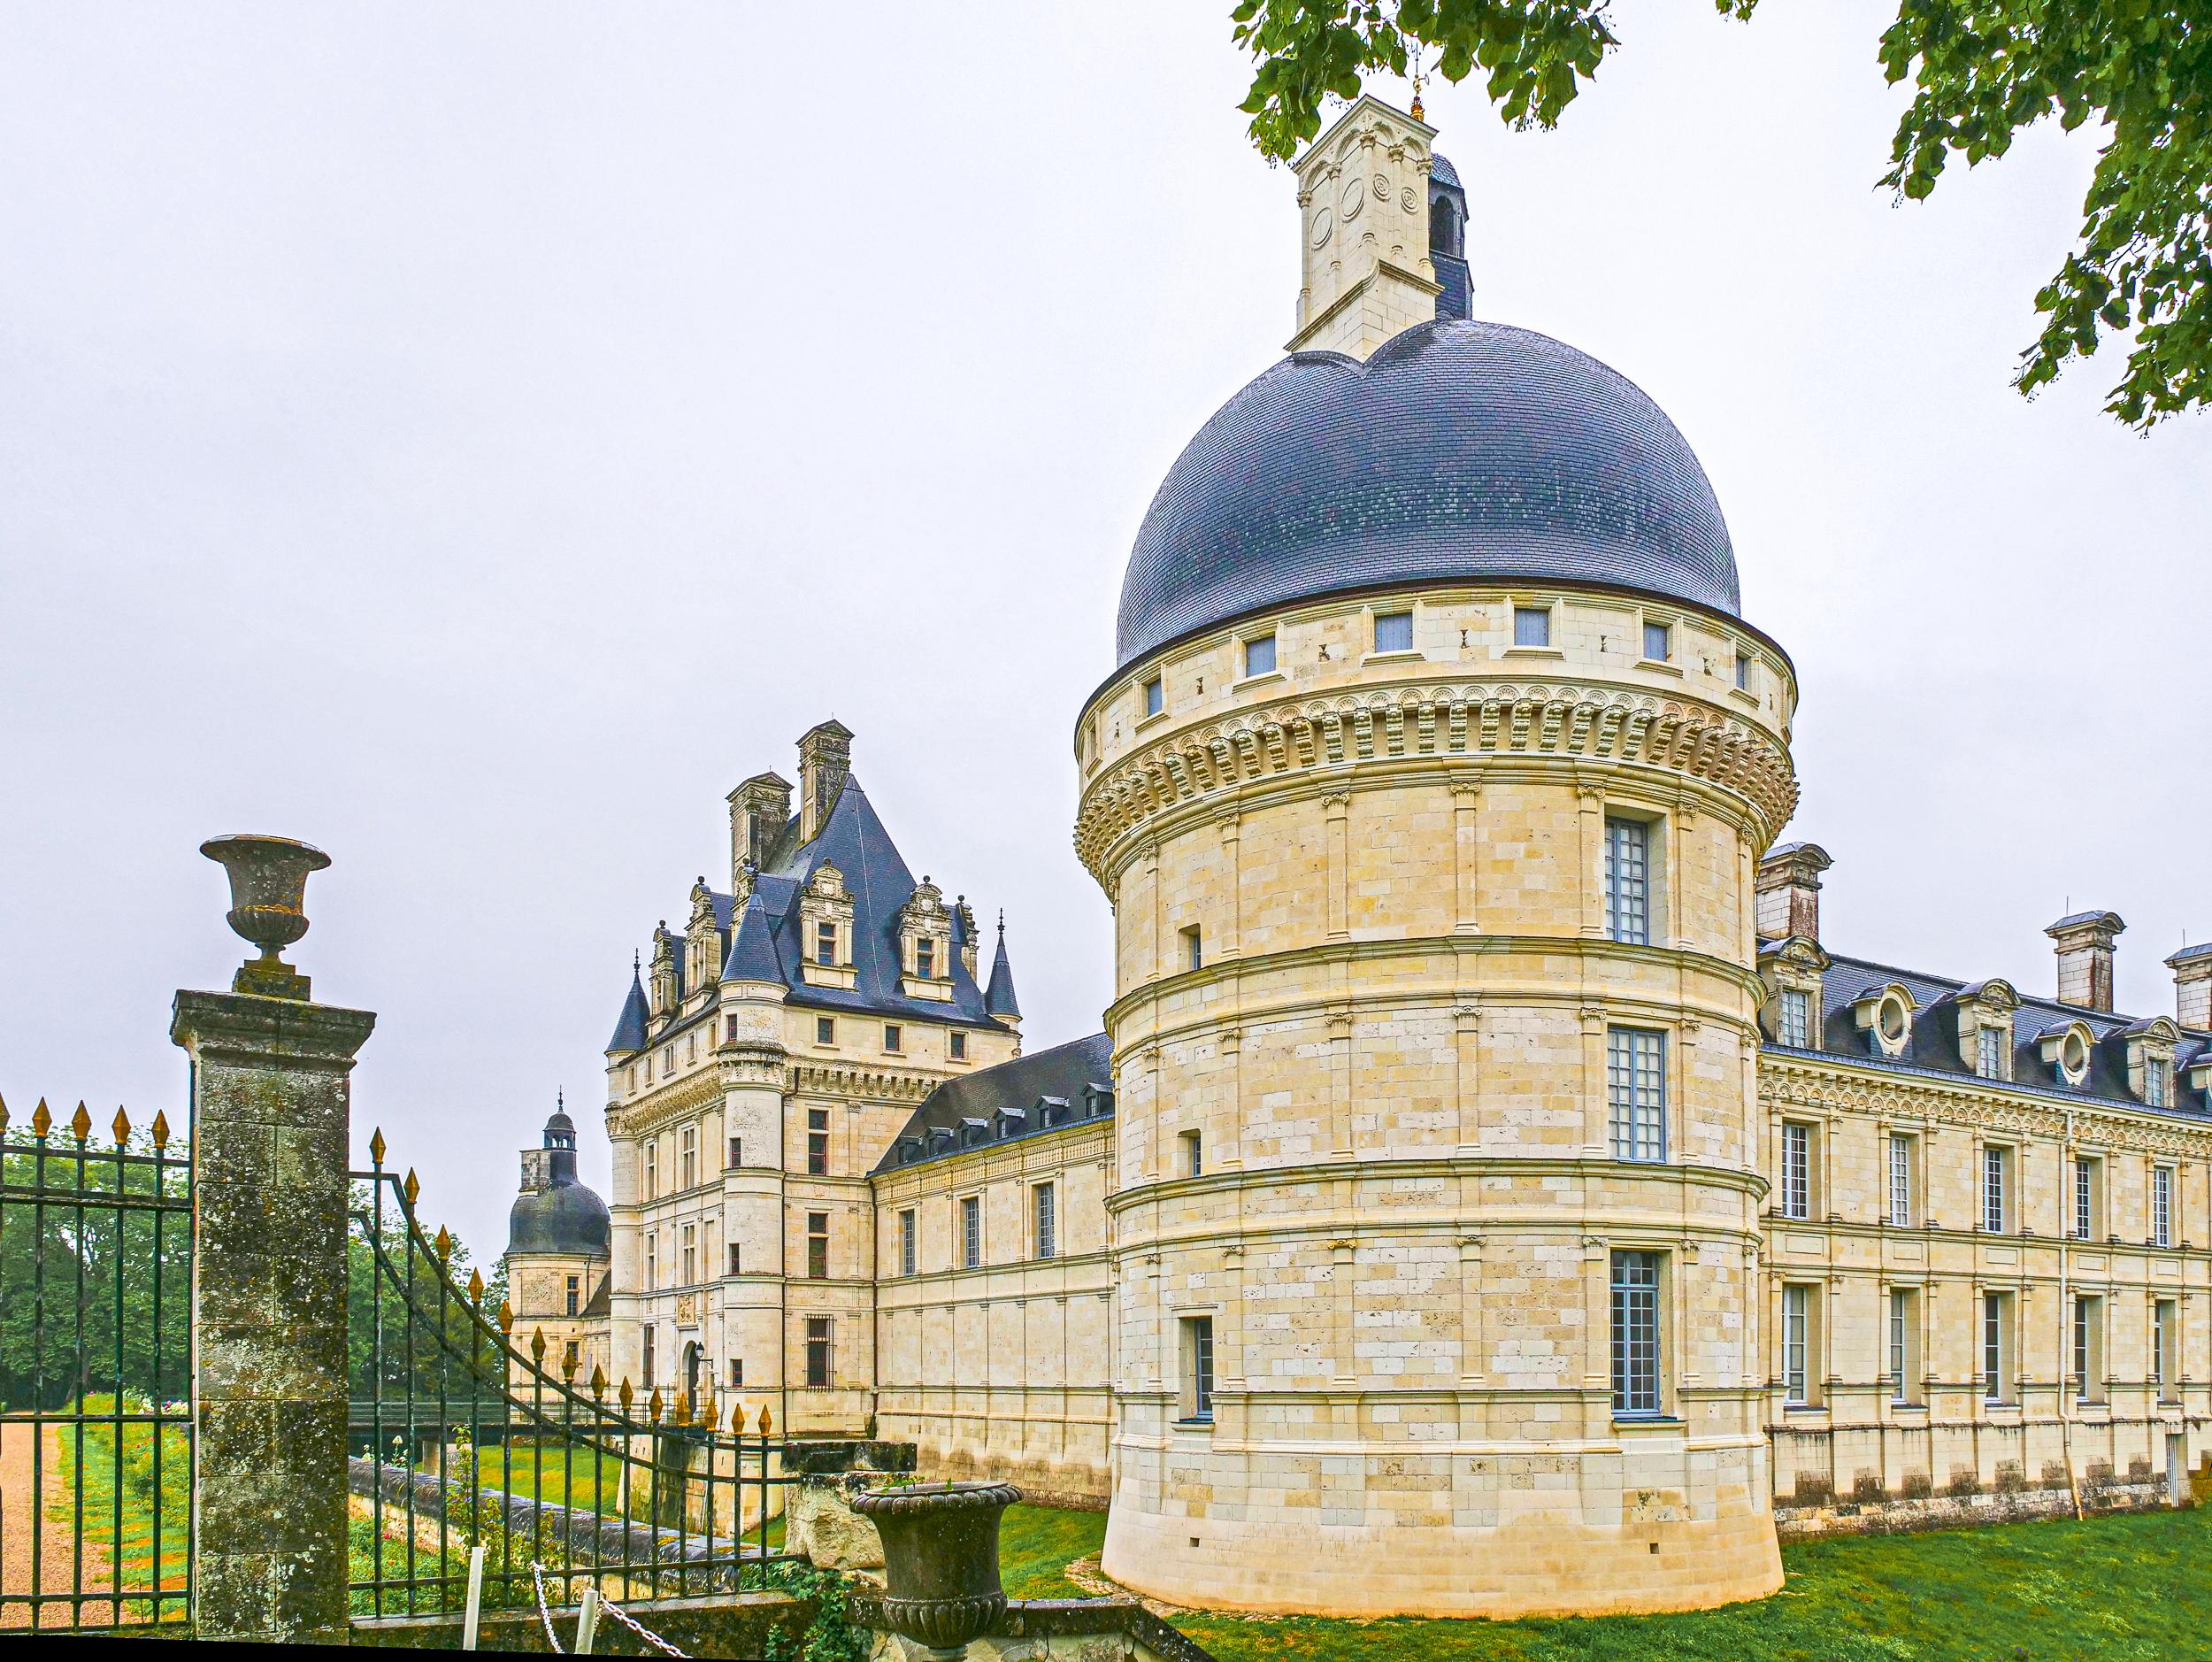 © Jacques Bouby, chateau de Valençay